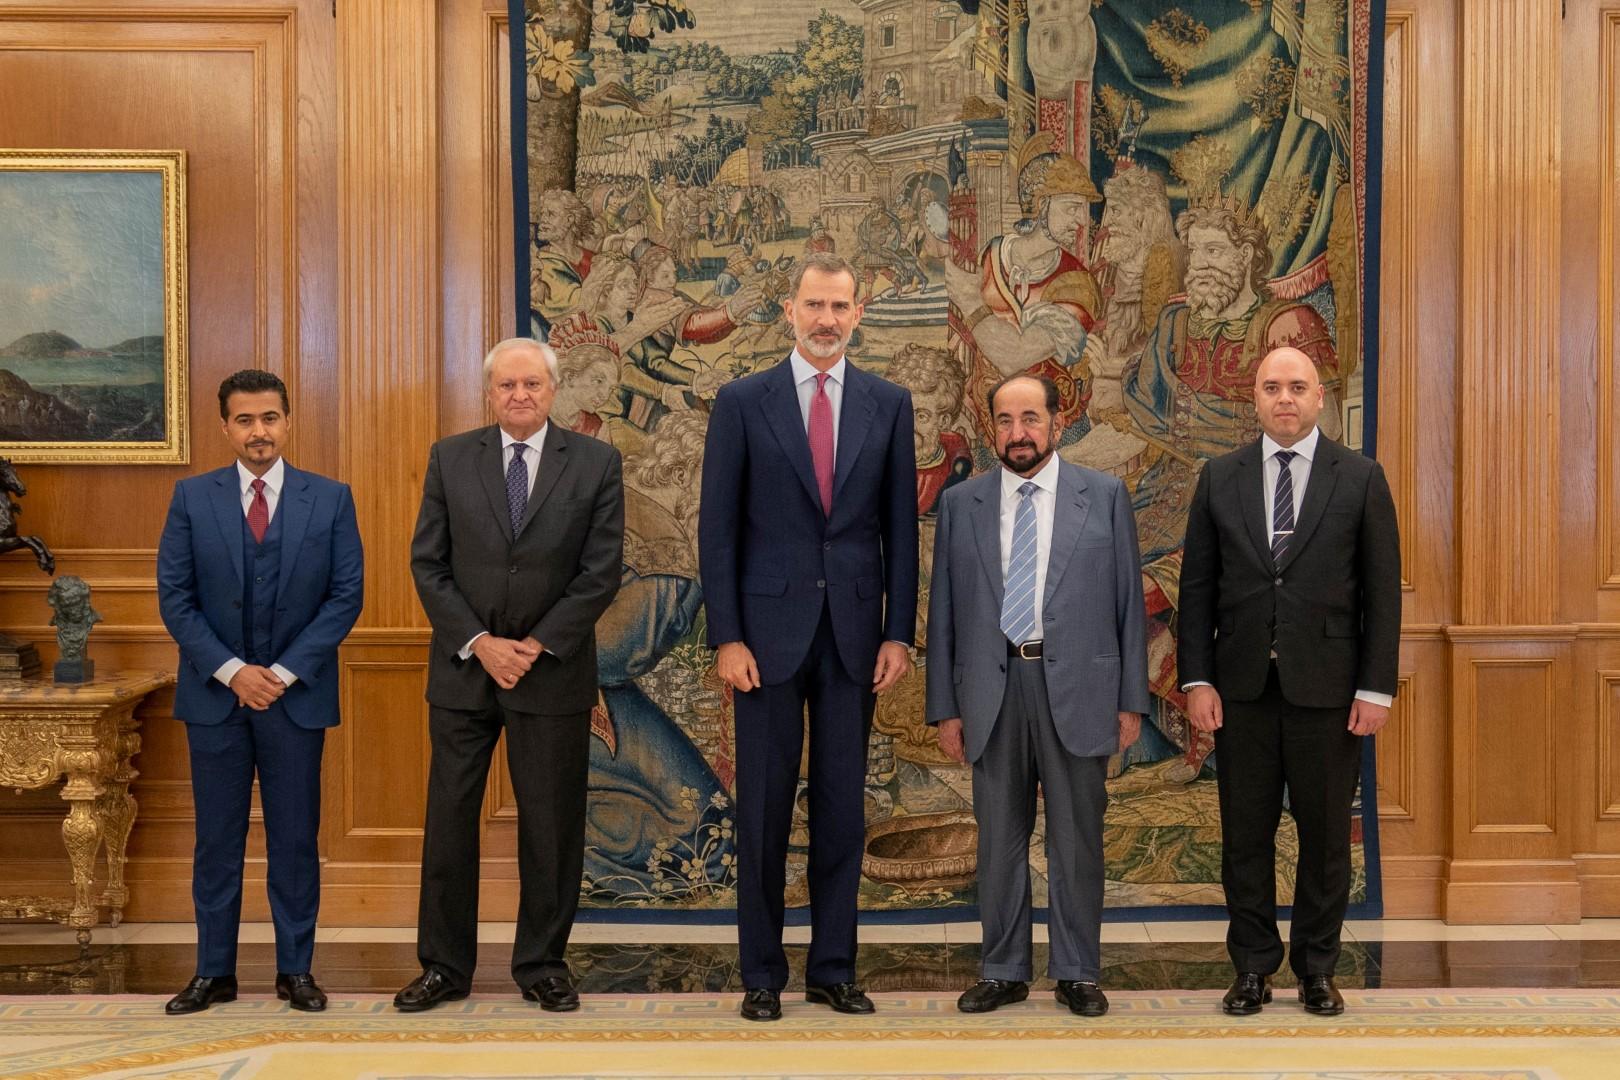 ملك إسبانيا يستقبل حاكم الشارقة في قصر زارزويلا بمدريد